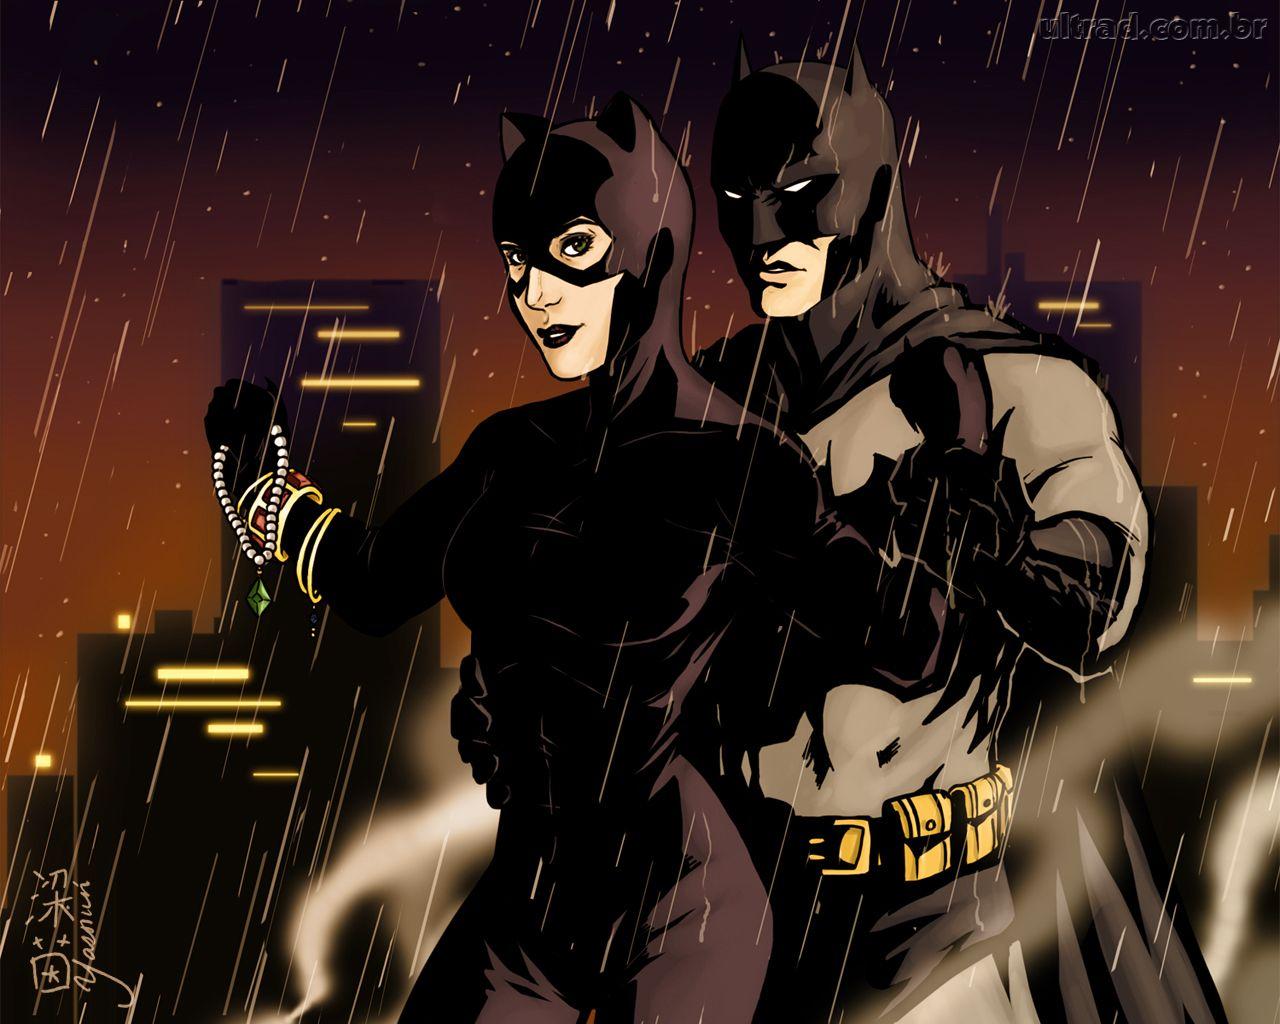 http://4.bp.blogspot.com/-xBaJXtRMCQc/Tywz3xaUSXI/AAAAAAAAA2E/5v-fUuTDP80/s1600/234591_Papel-de-Parede-Batman-e-Mulher-Gato--234591_1280x1024.jpg